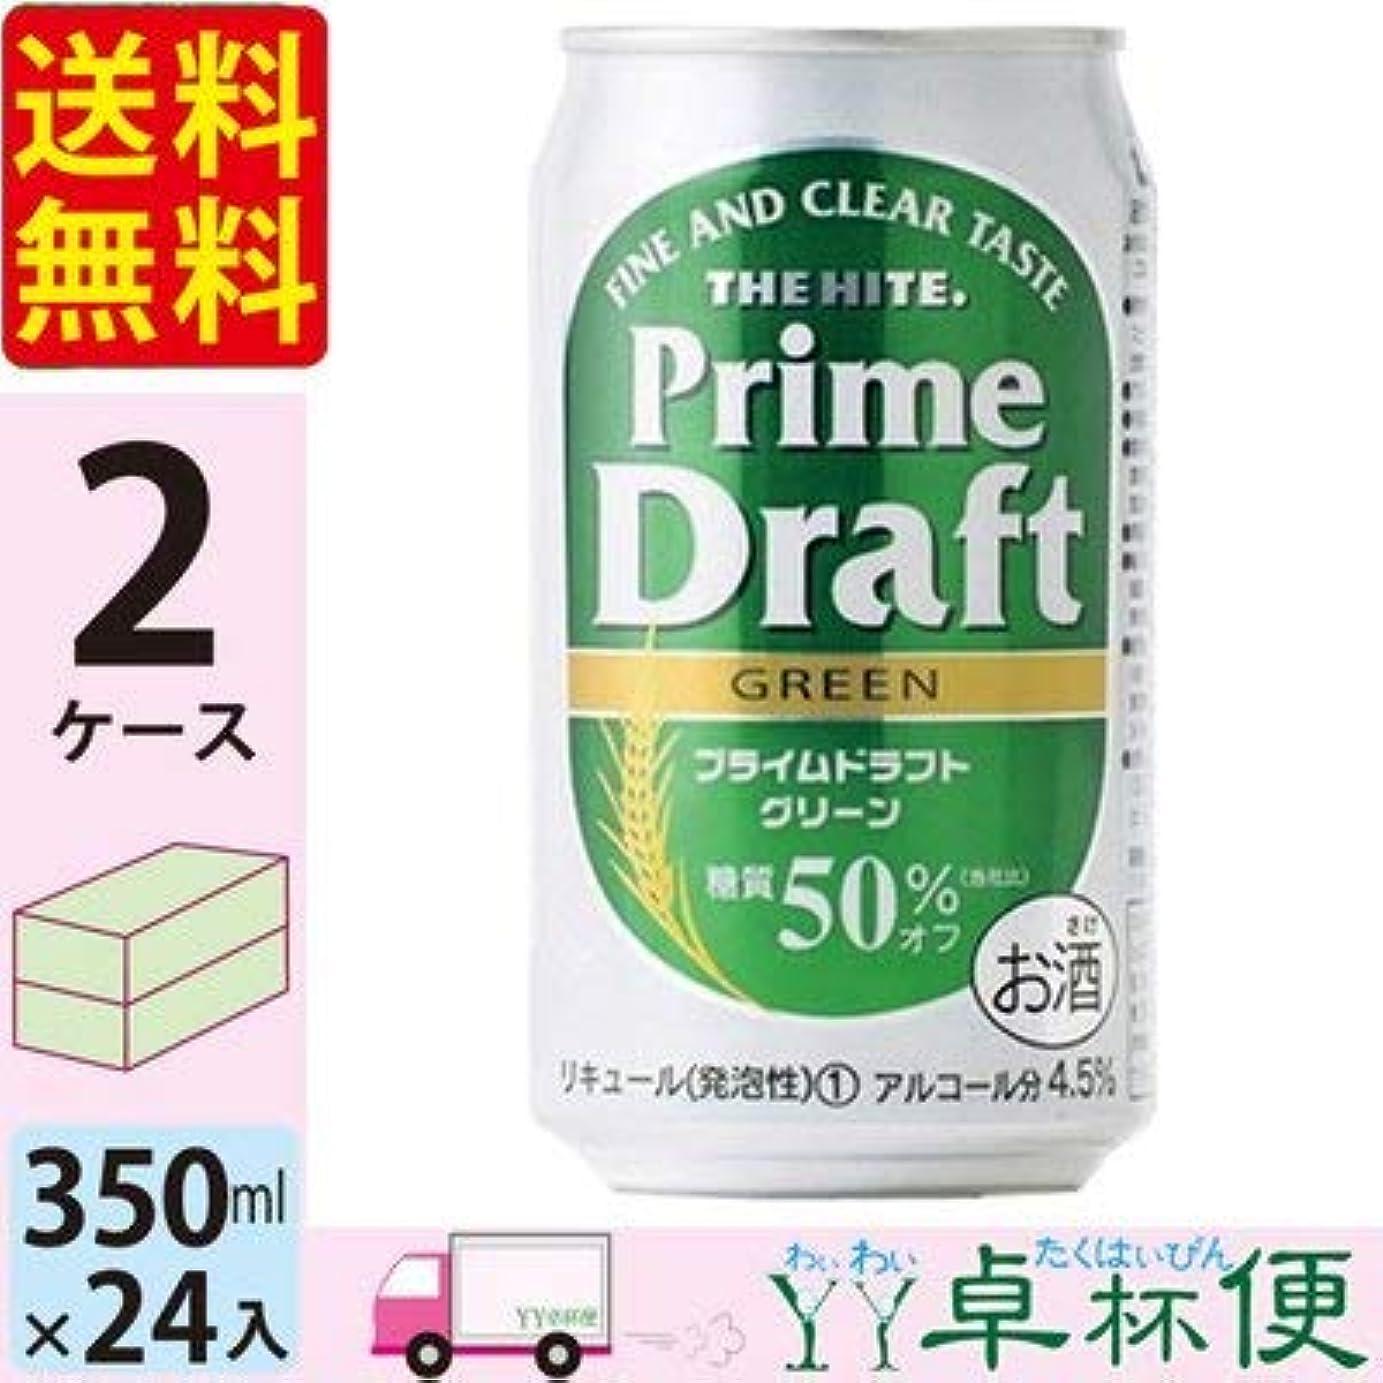 修羅場国旗オフセット川商フーズ プライムドラフト グリーン 350ml 24缶入 2ケース (48本)